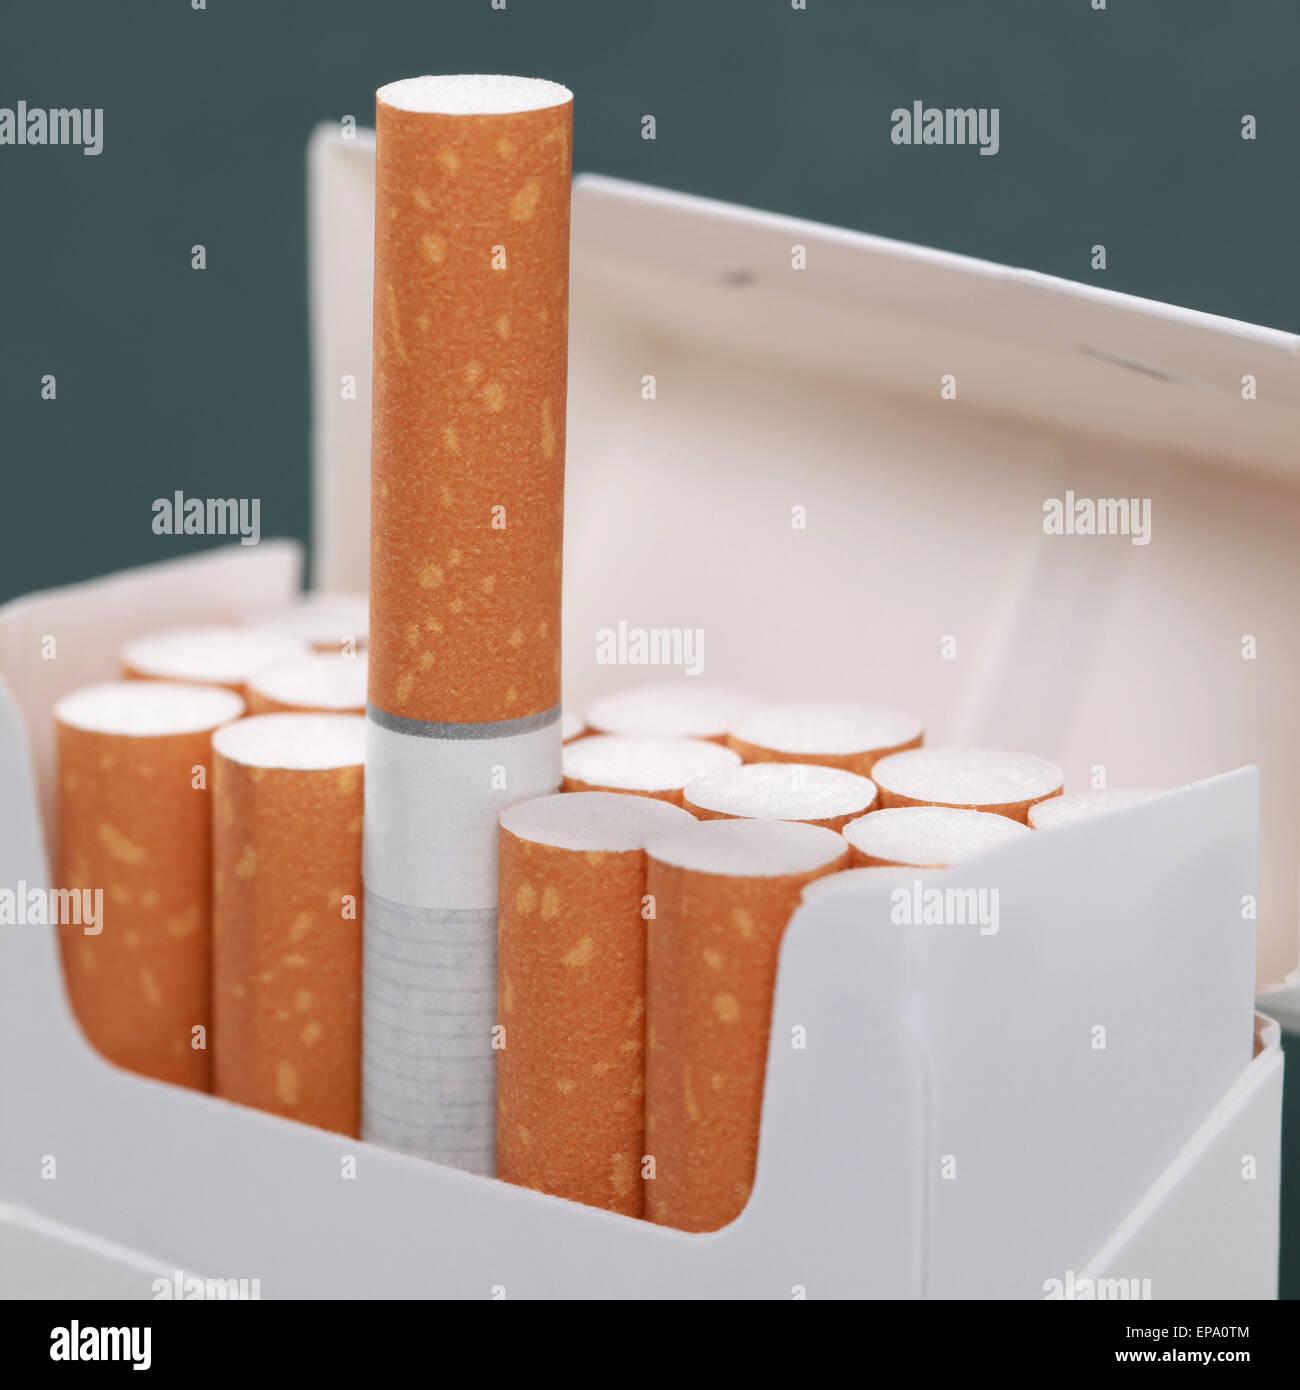 Zigaretten Thema Rauchen und Sucht - Stock Image